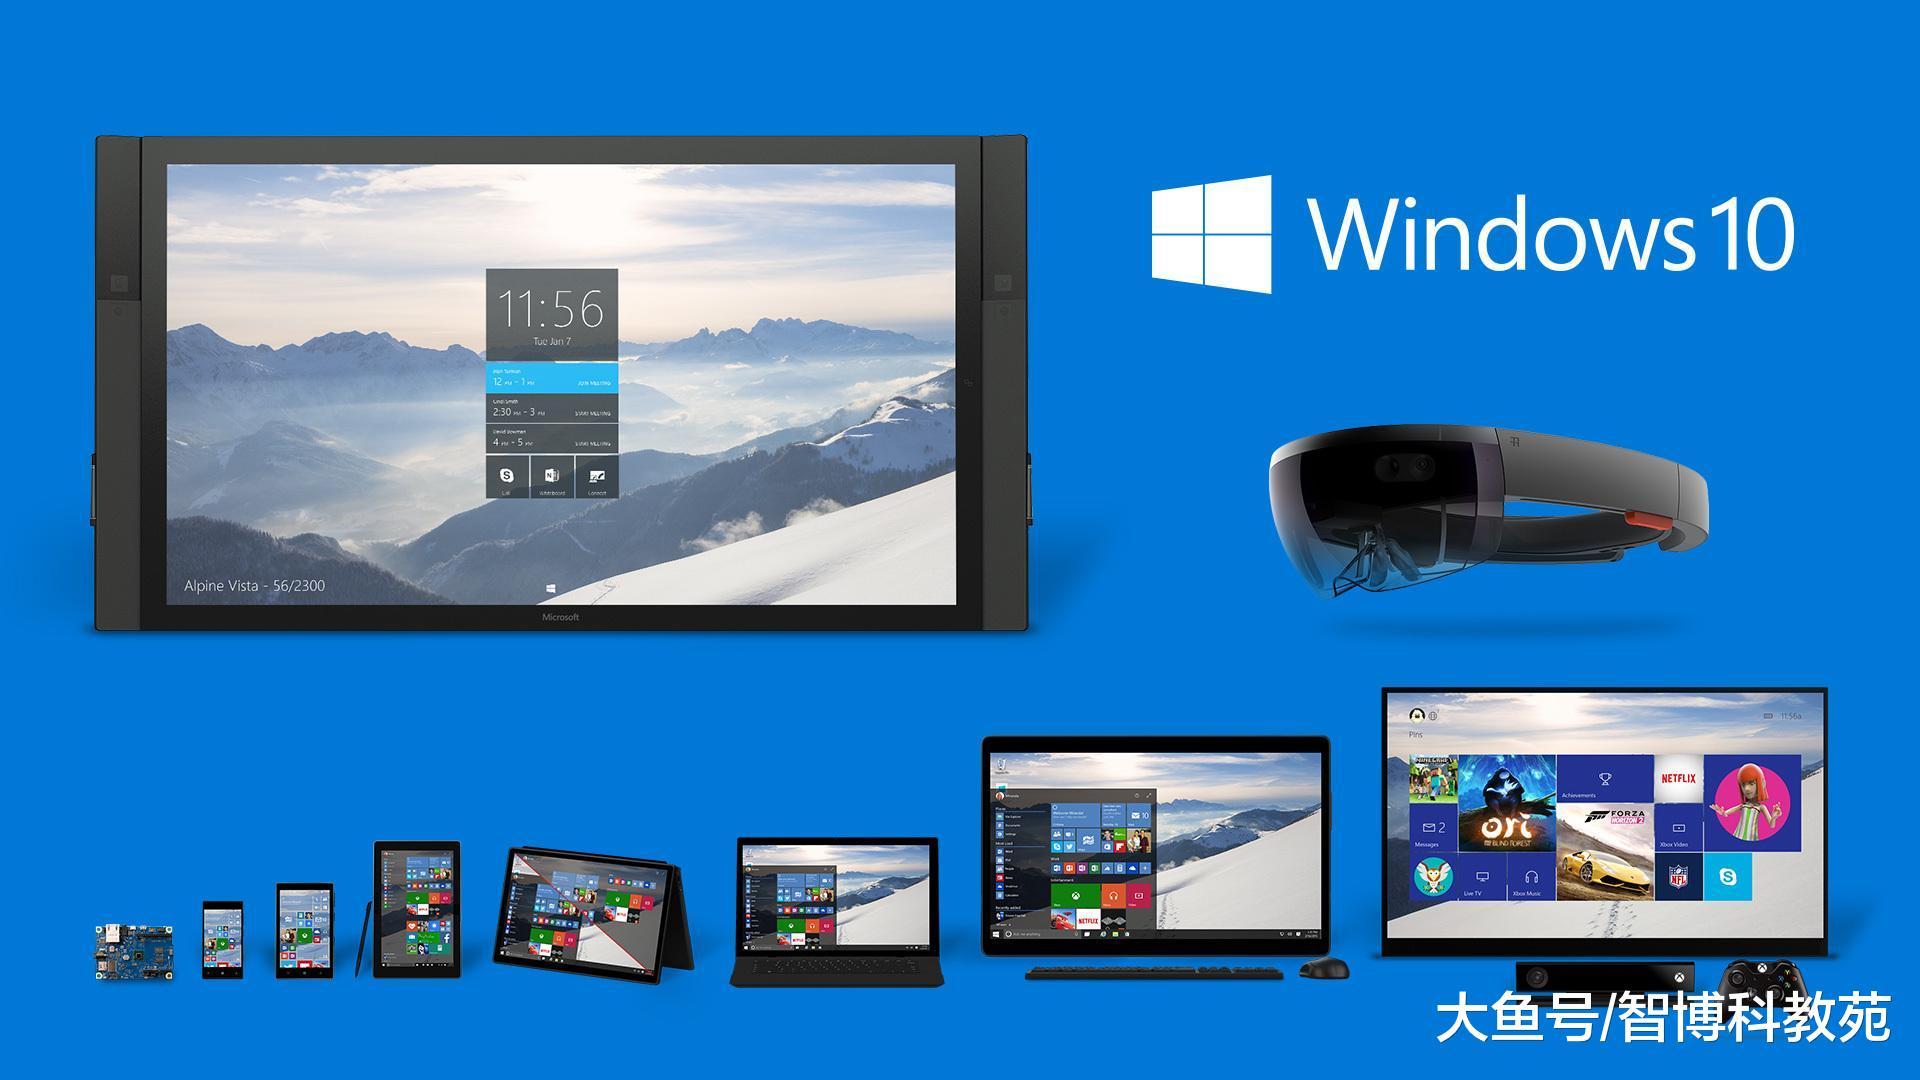 新買電腦是讓安裝win7還是win10?硬件支持就選win7,否則win10